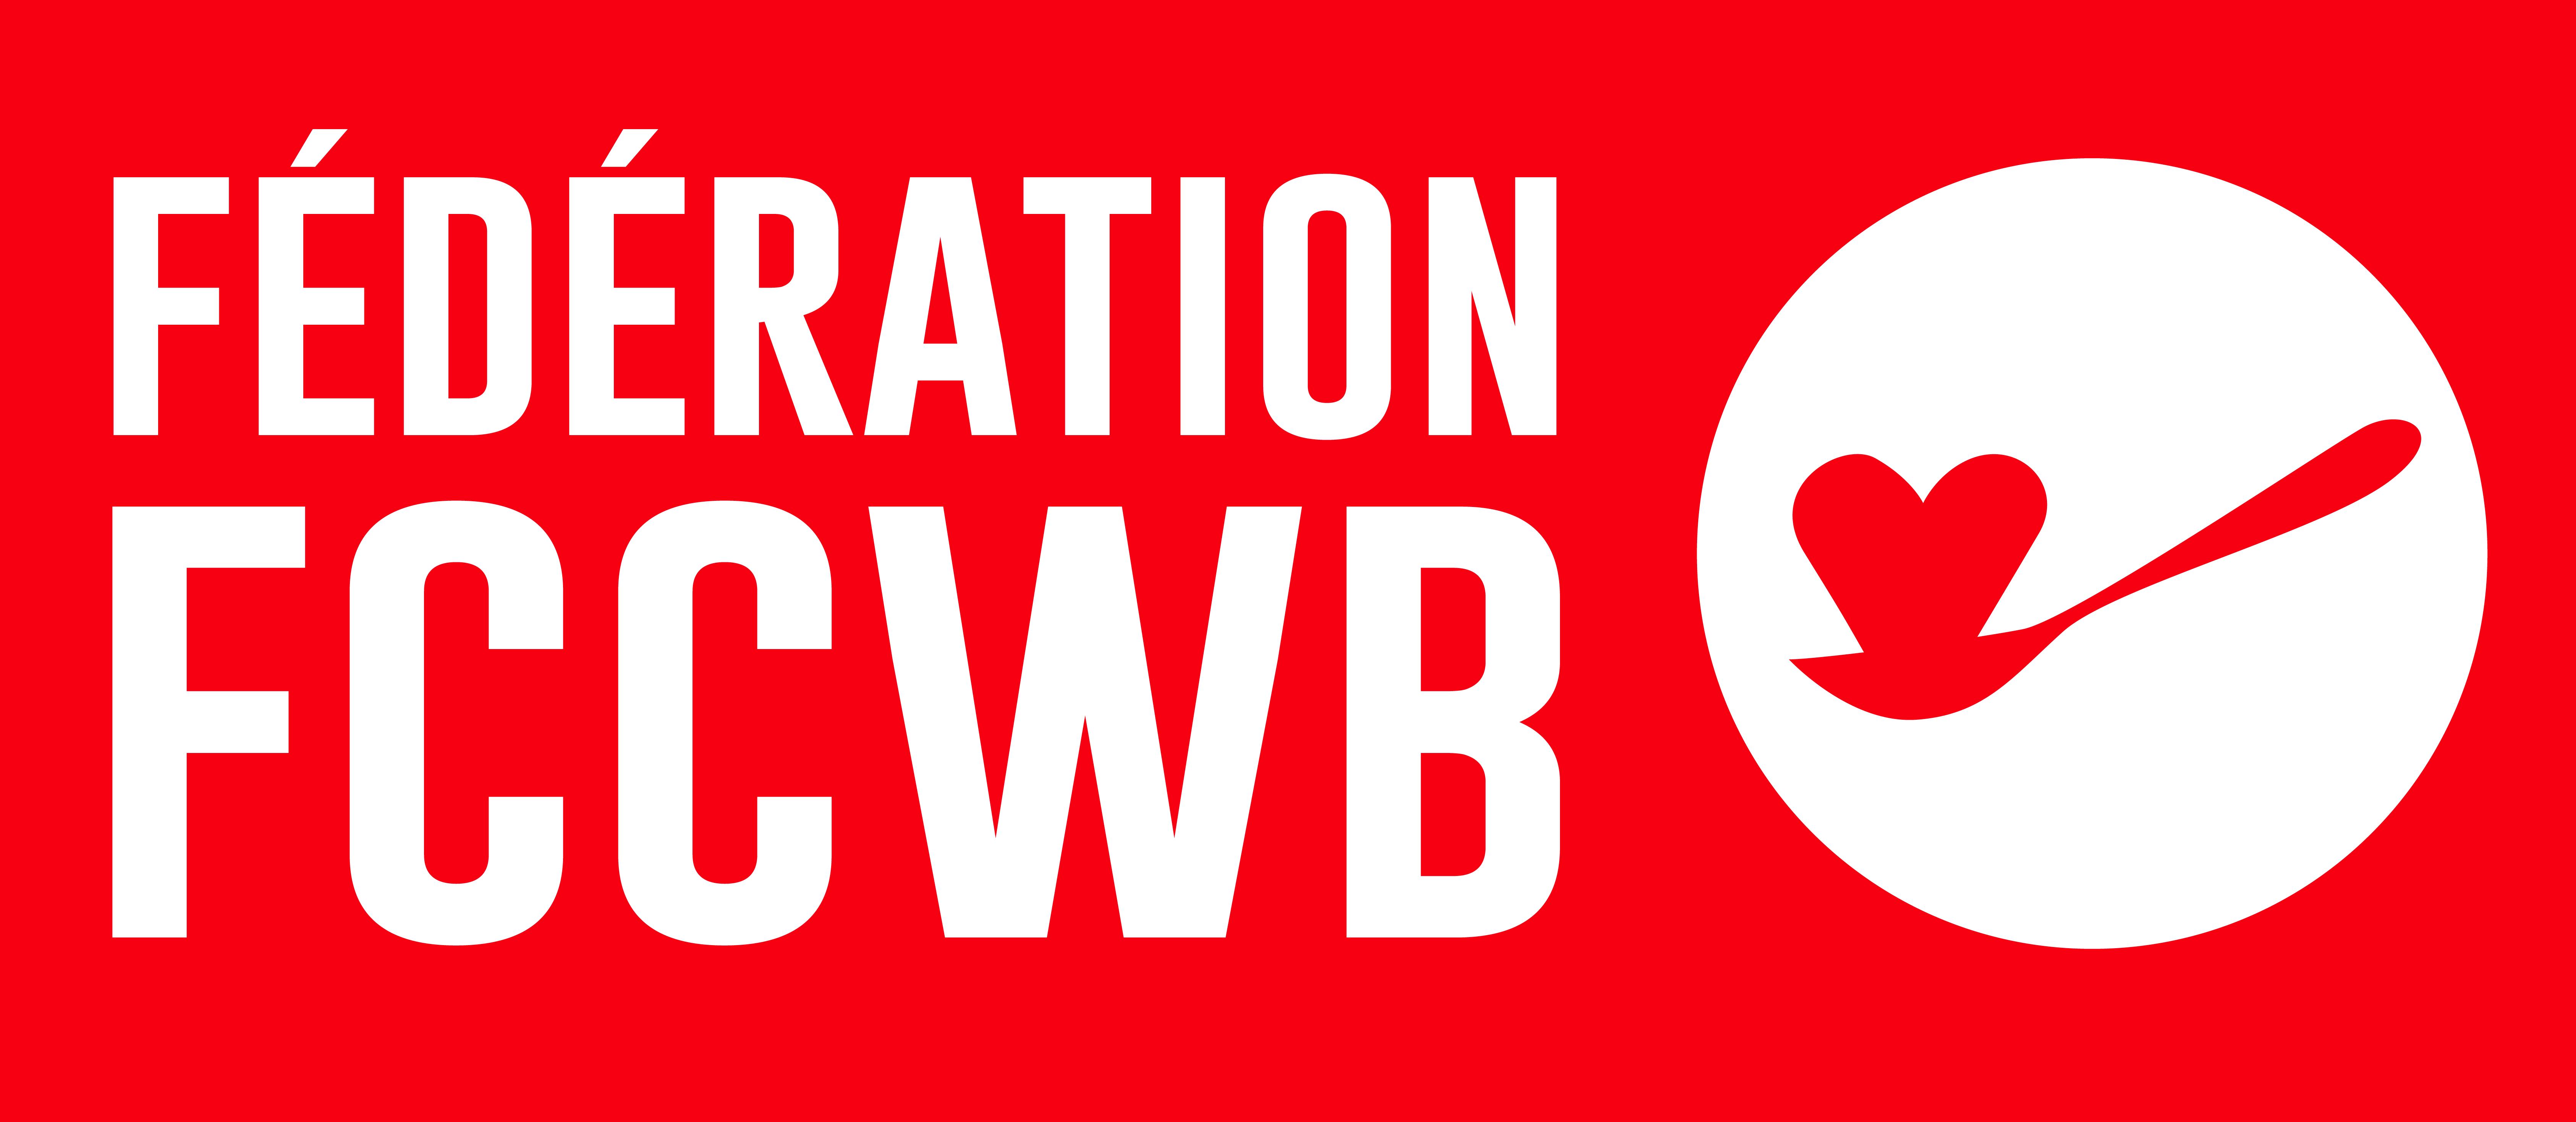 FCCWB.png